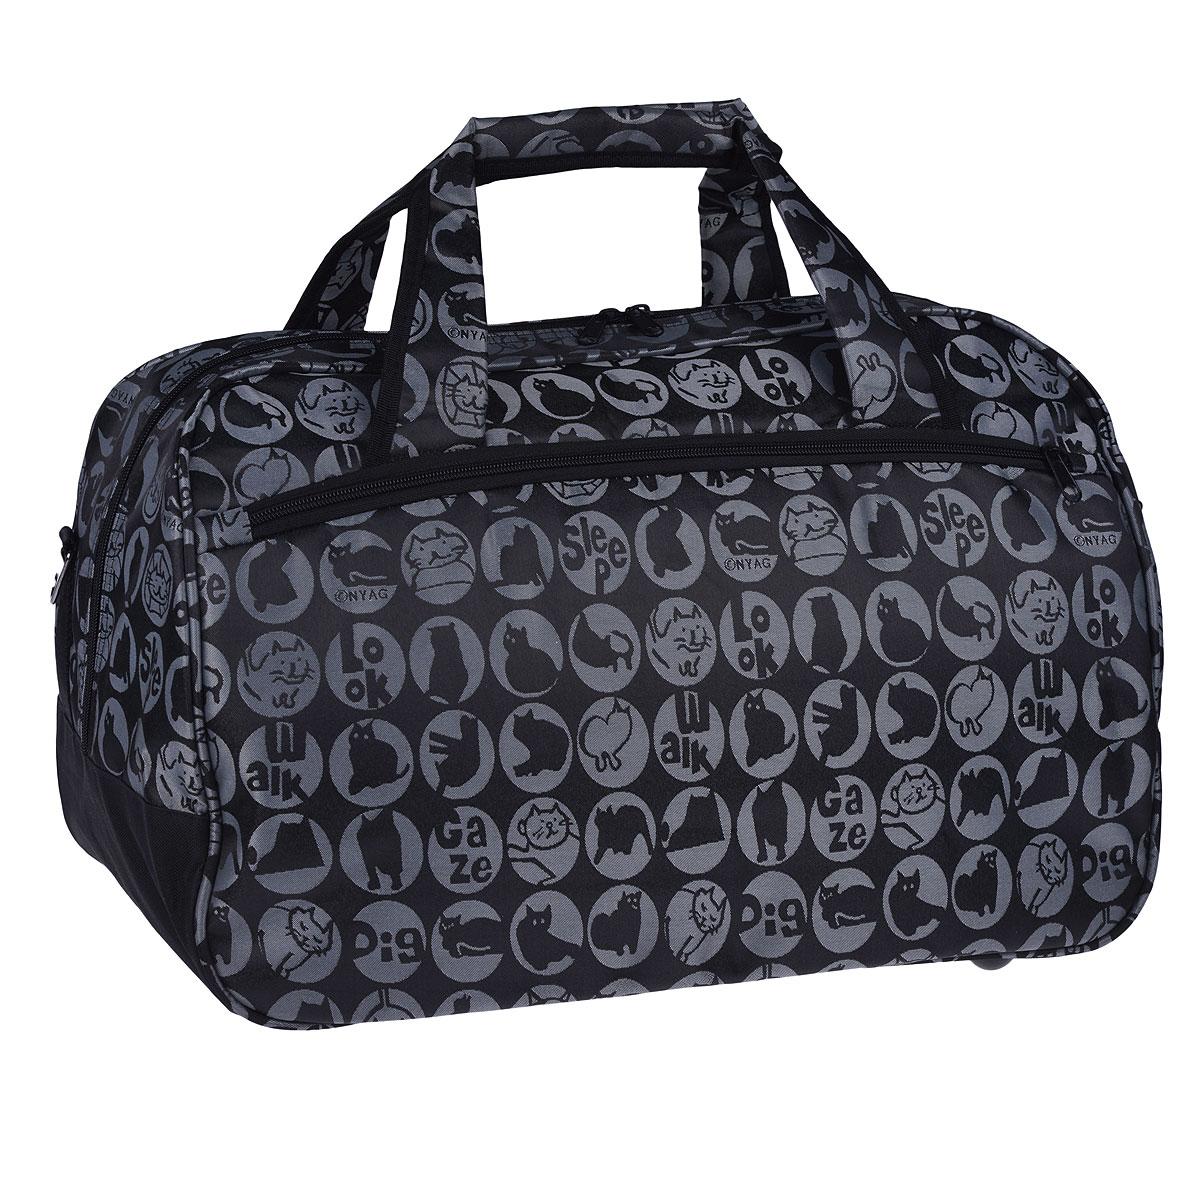 Сумка дорожная Antan Кошки, цвет: черный. 2-17L579995-400Стильная дорожная сумка Antan выполнена из плотного полиэстера и оформлена принтом с изображением кошек.Сумка имеет одно вместительное отделение, закрывающееся на застежку-молнию. Внутри - вшитый карман на молнии и два накладных сетчтых кармана. На лицевой и тыльной сторонах сумки расположены дополнительные карманы на молниях. Сумка оснащена двумя удобными ручками. В комплекте плечевой ремень регулируемой длины. Такая сумка будет незаменима в поездке или для похода в спортзал.